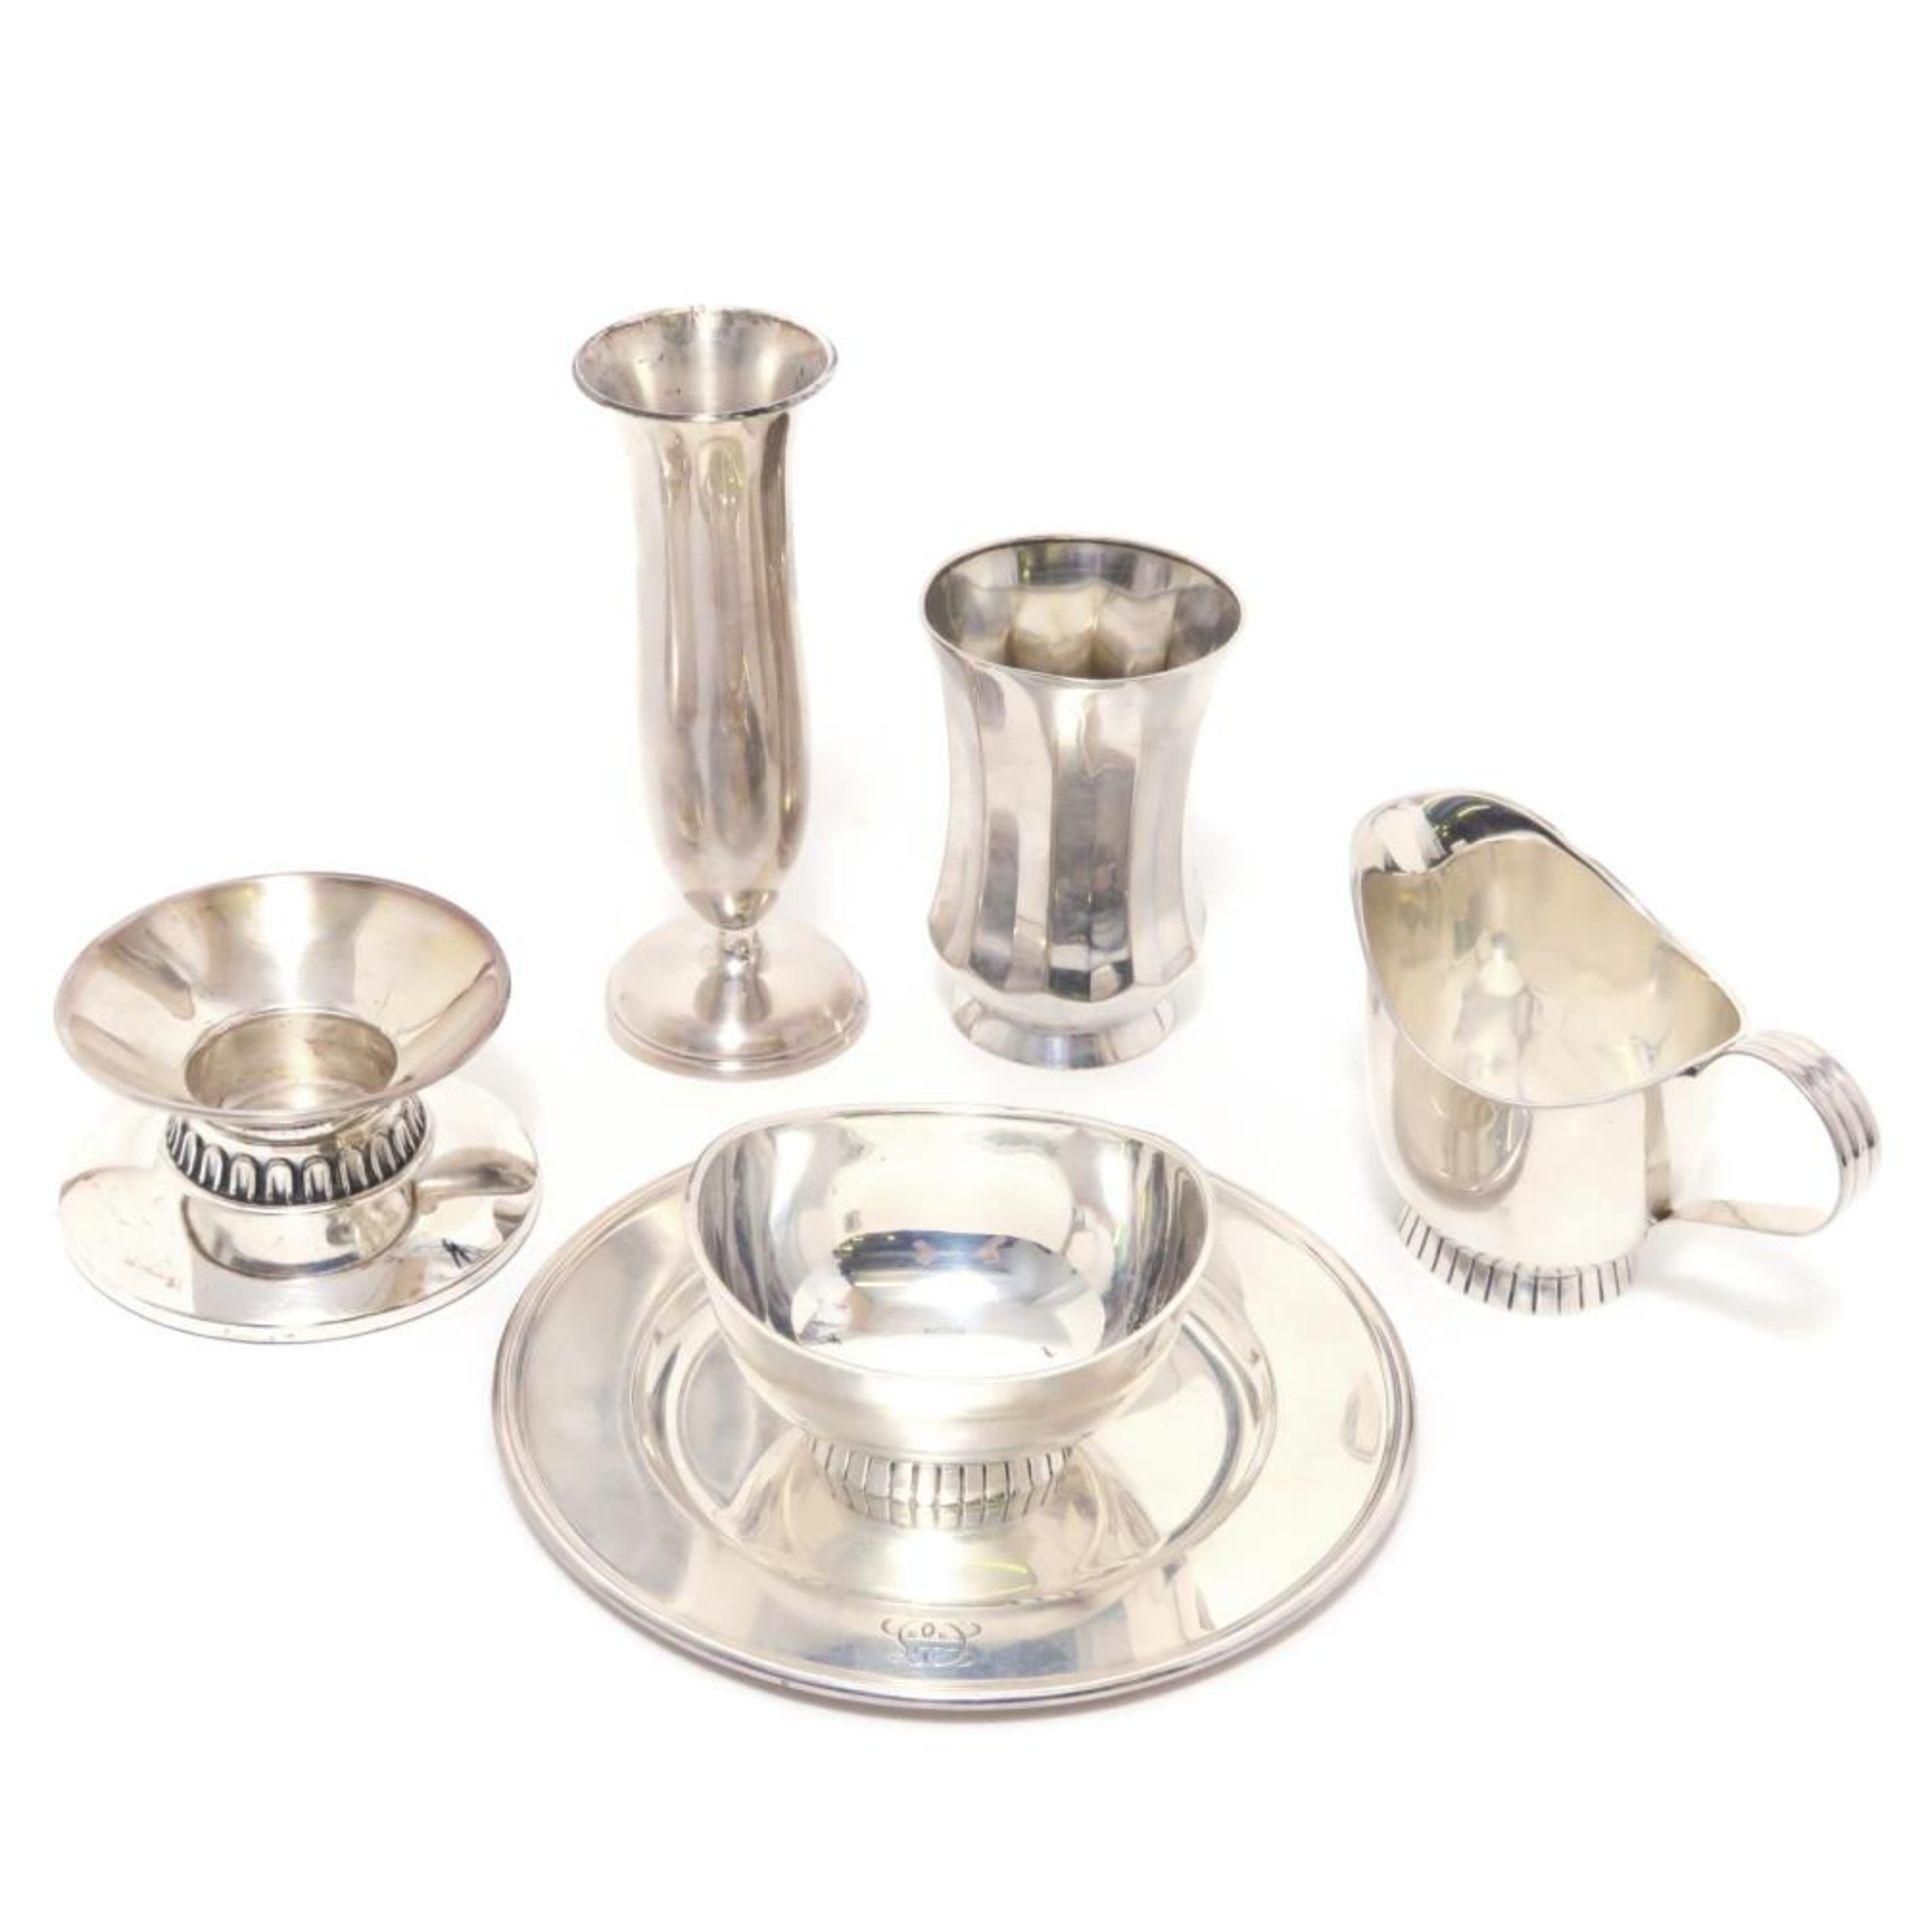 Sechs Teile Silber